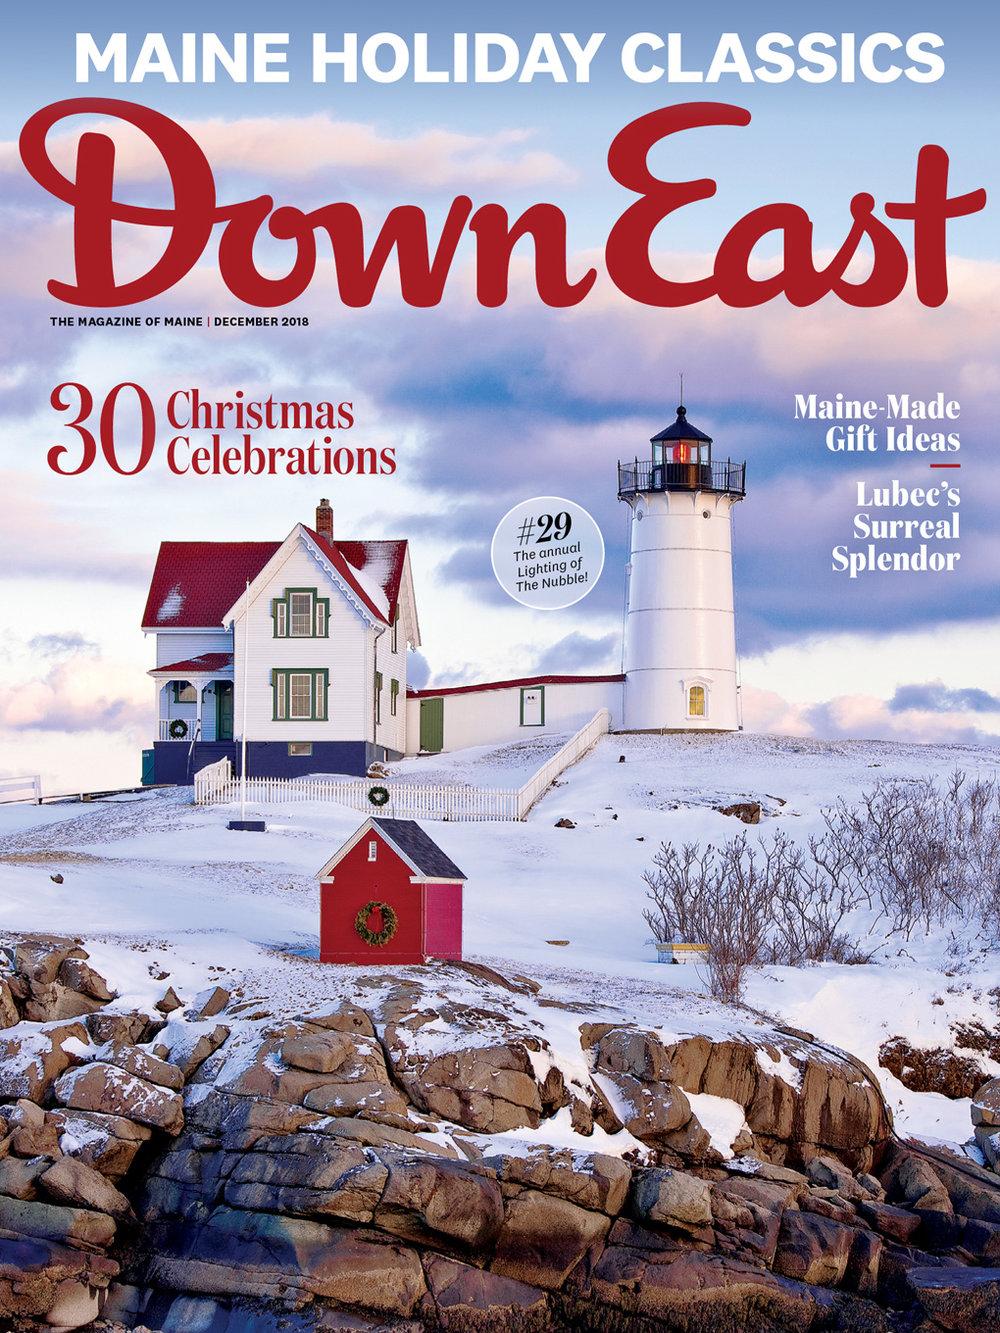 Down_East_Magazine_December_2018_Cover.jpg